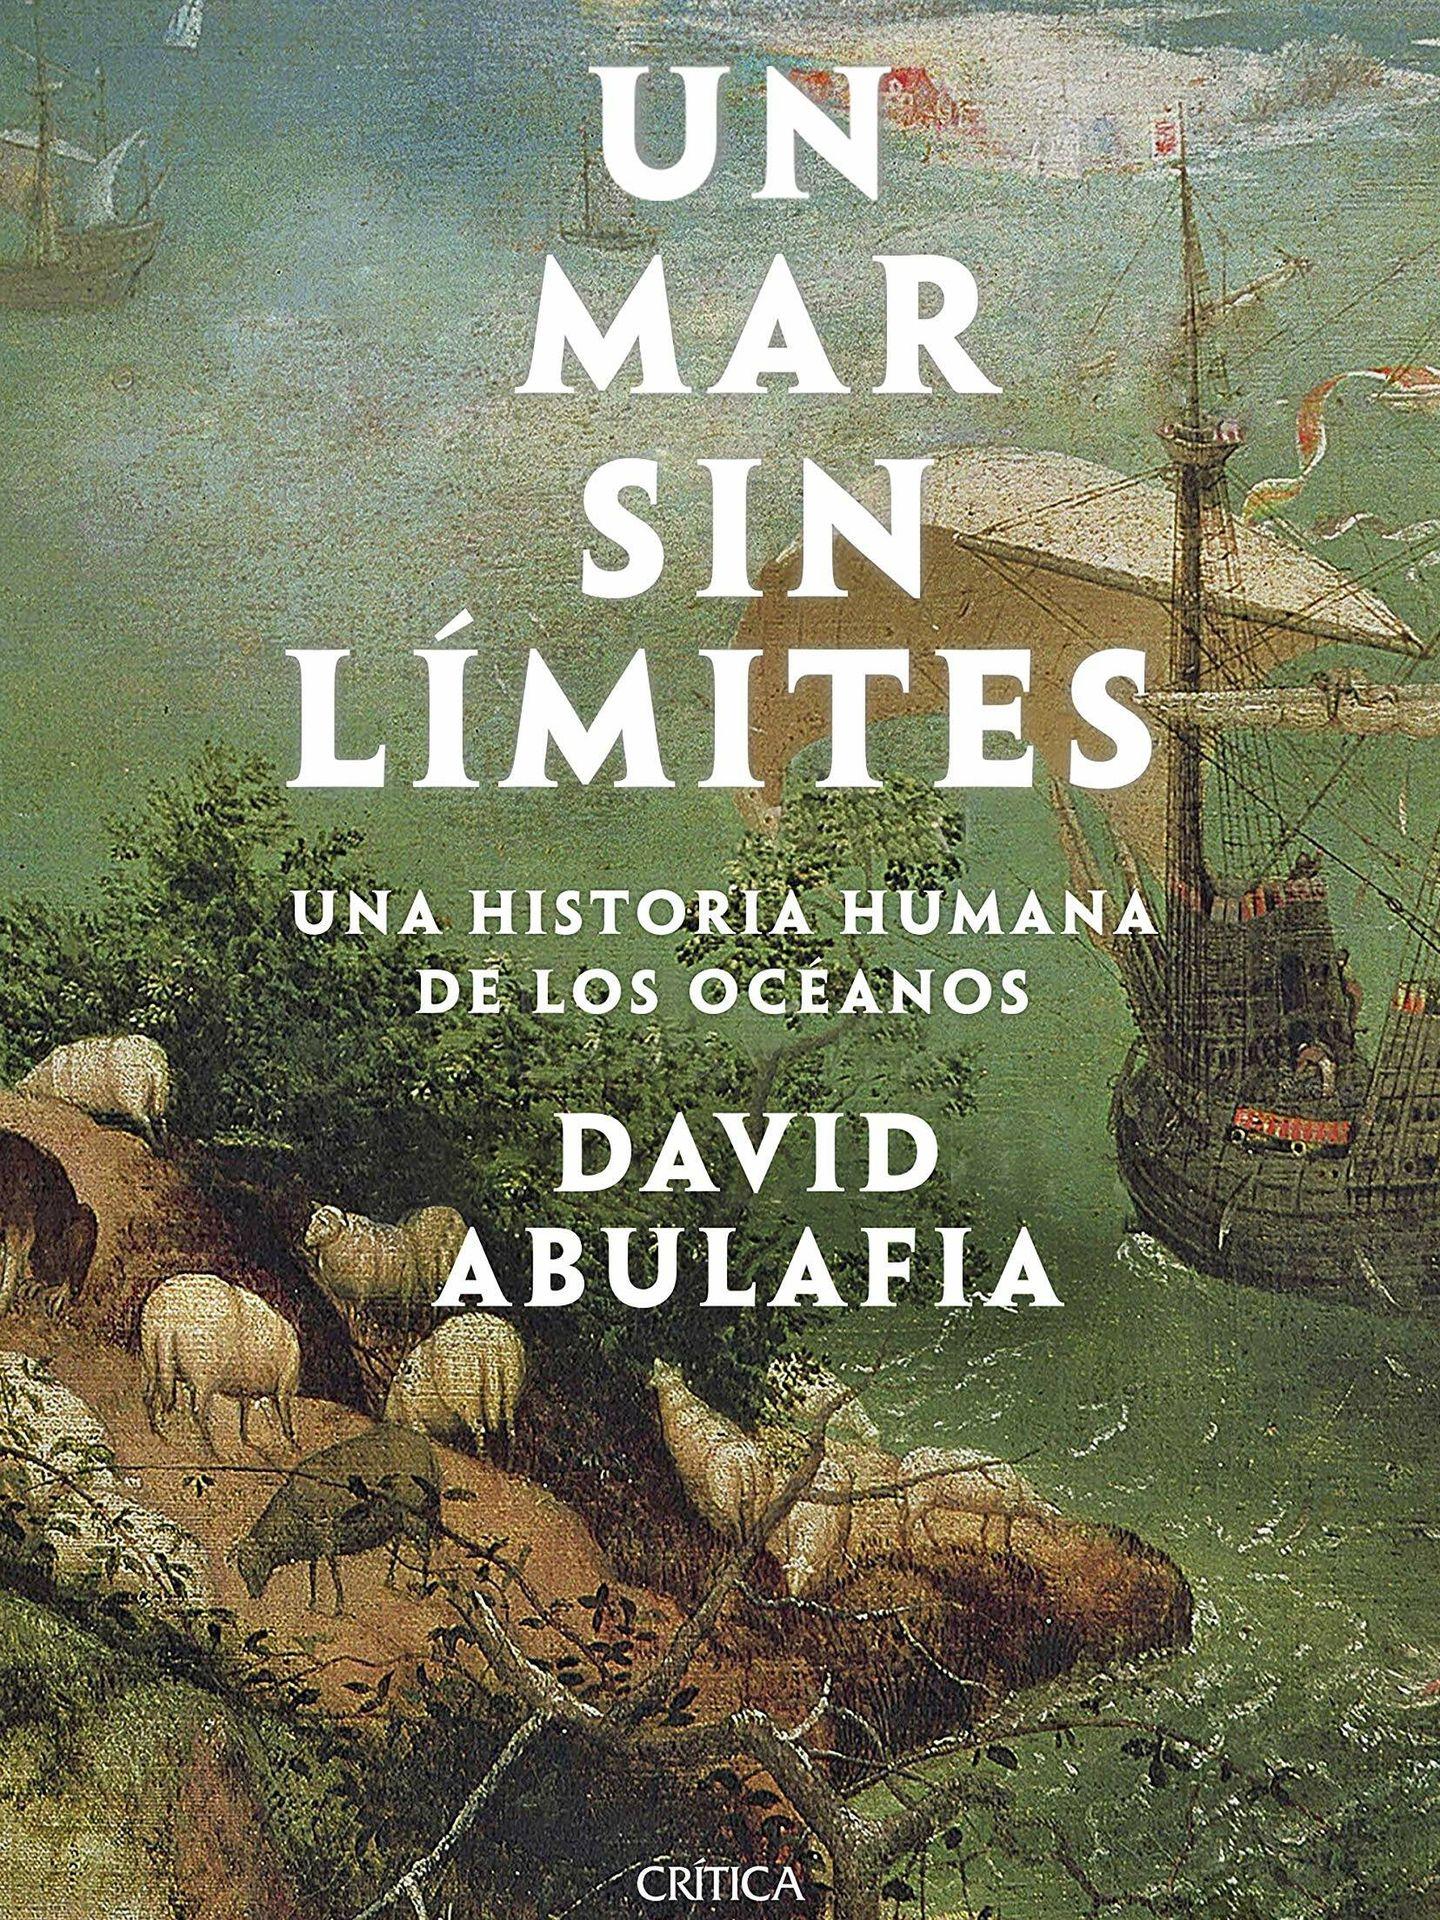 'Un mar sin límites' (Crítica).